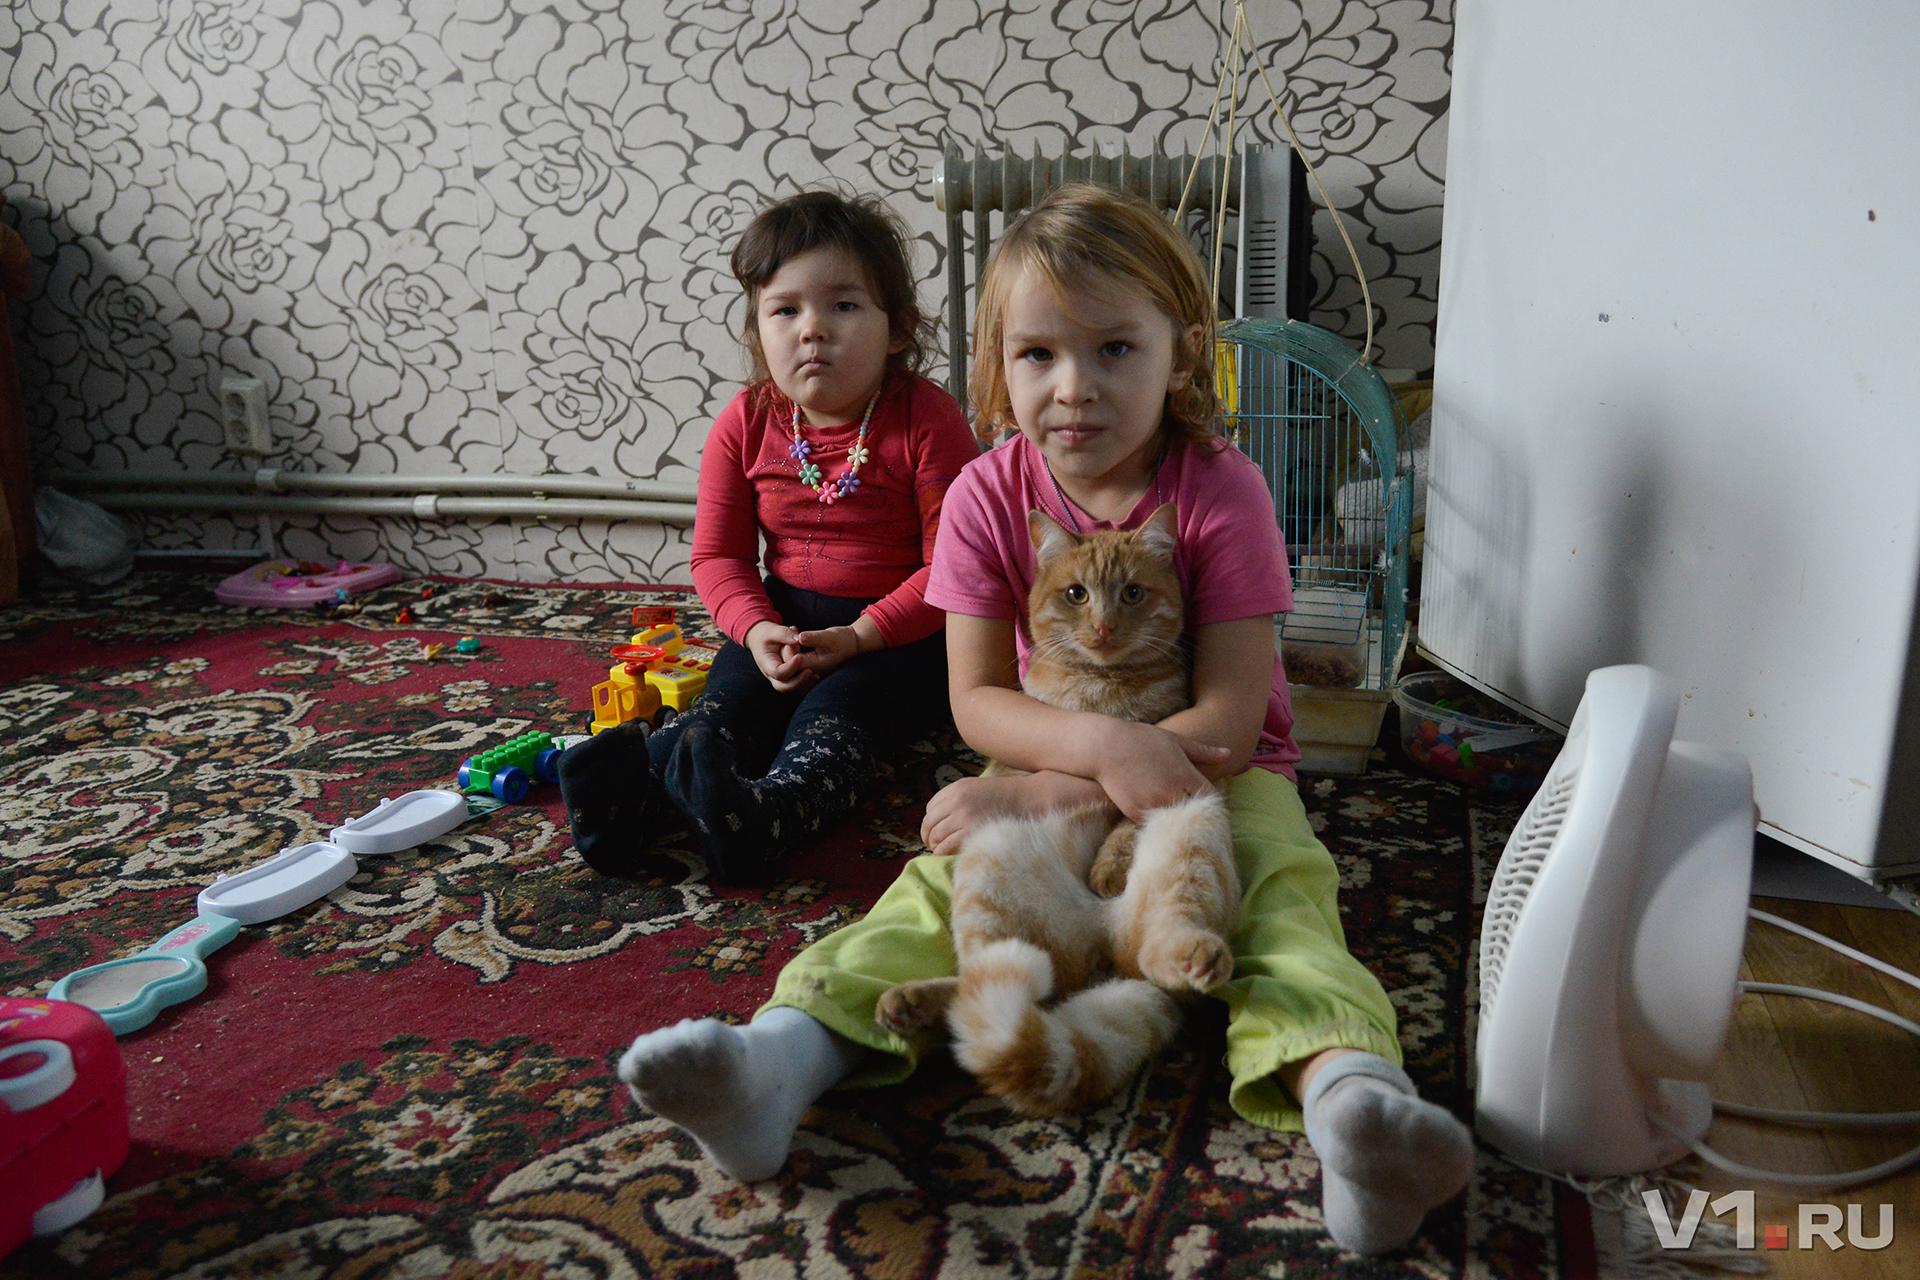 Кот служит детям дополнительной грелкой